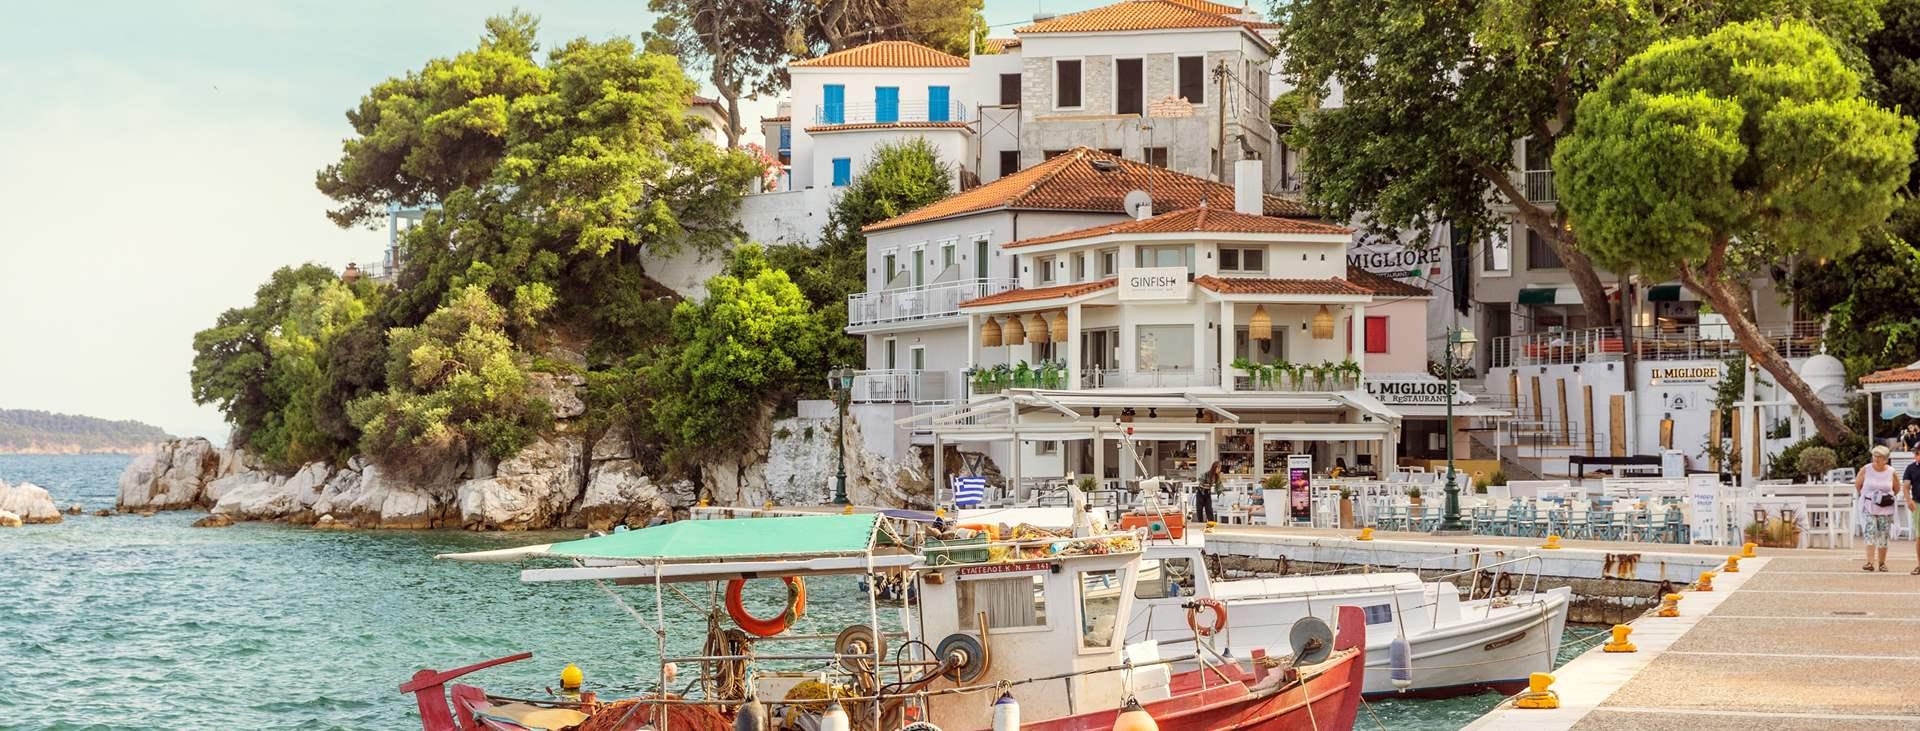 Bestill en reise til Skiathos by med Ving